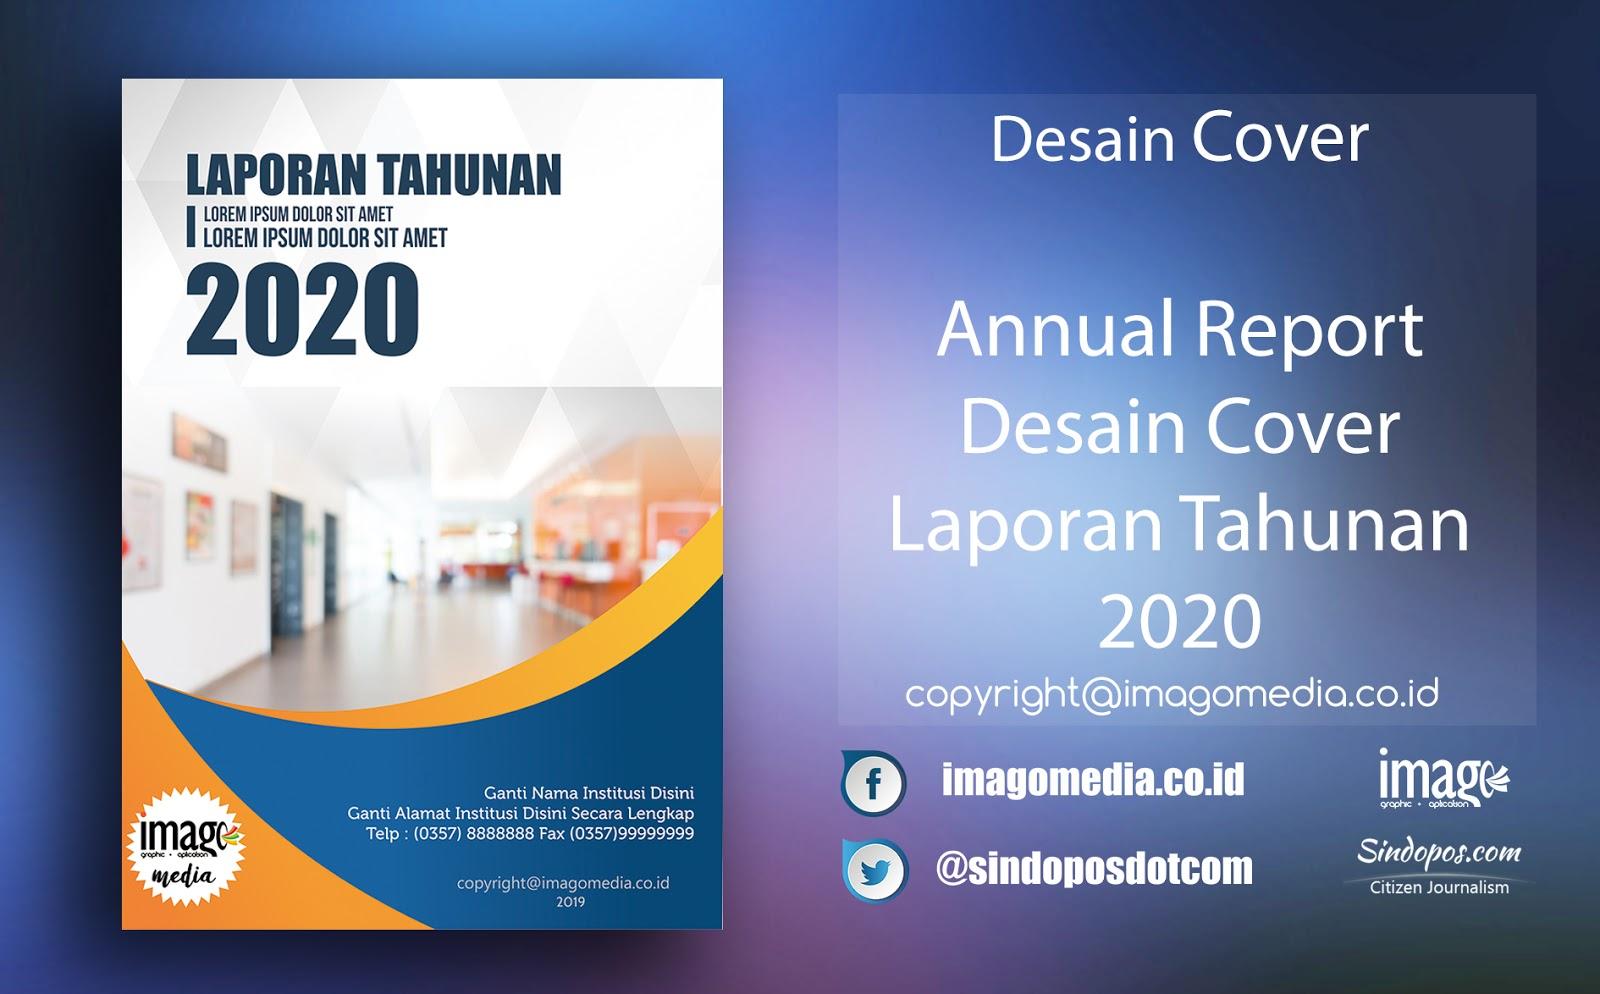 Annual Report Desain Cover Laporan Tahunan 2020 Imago Media Home Of Creativity